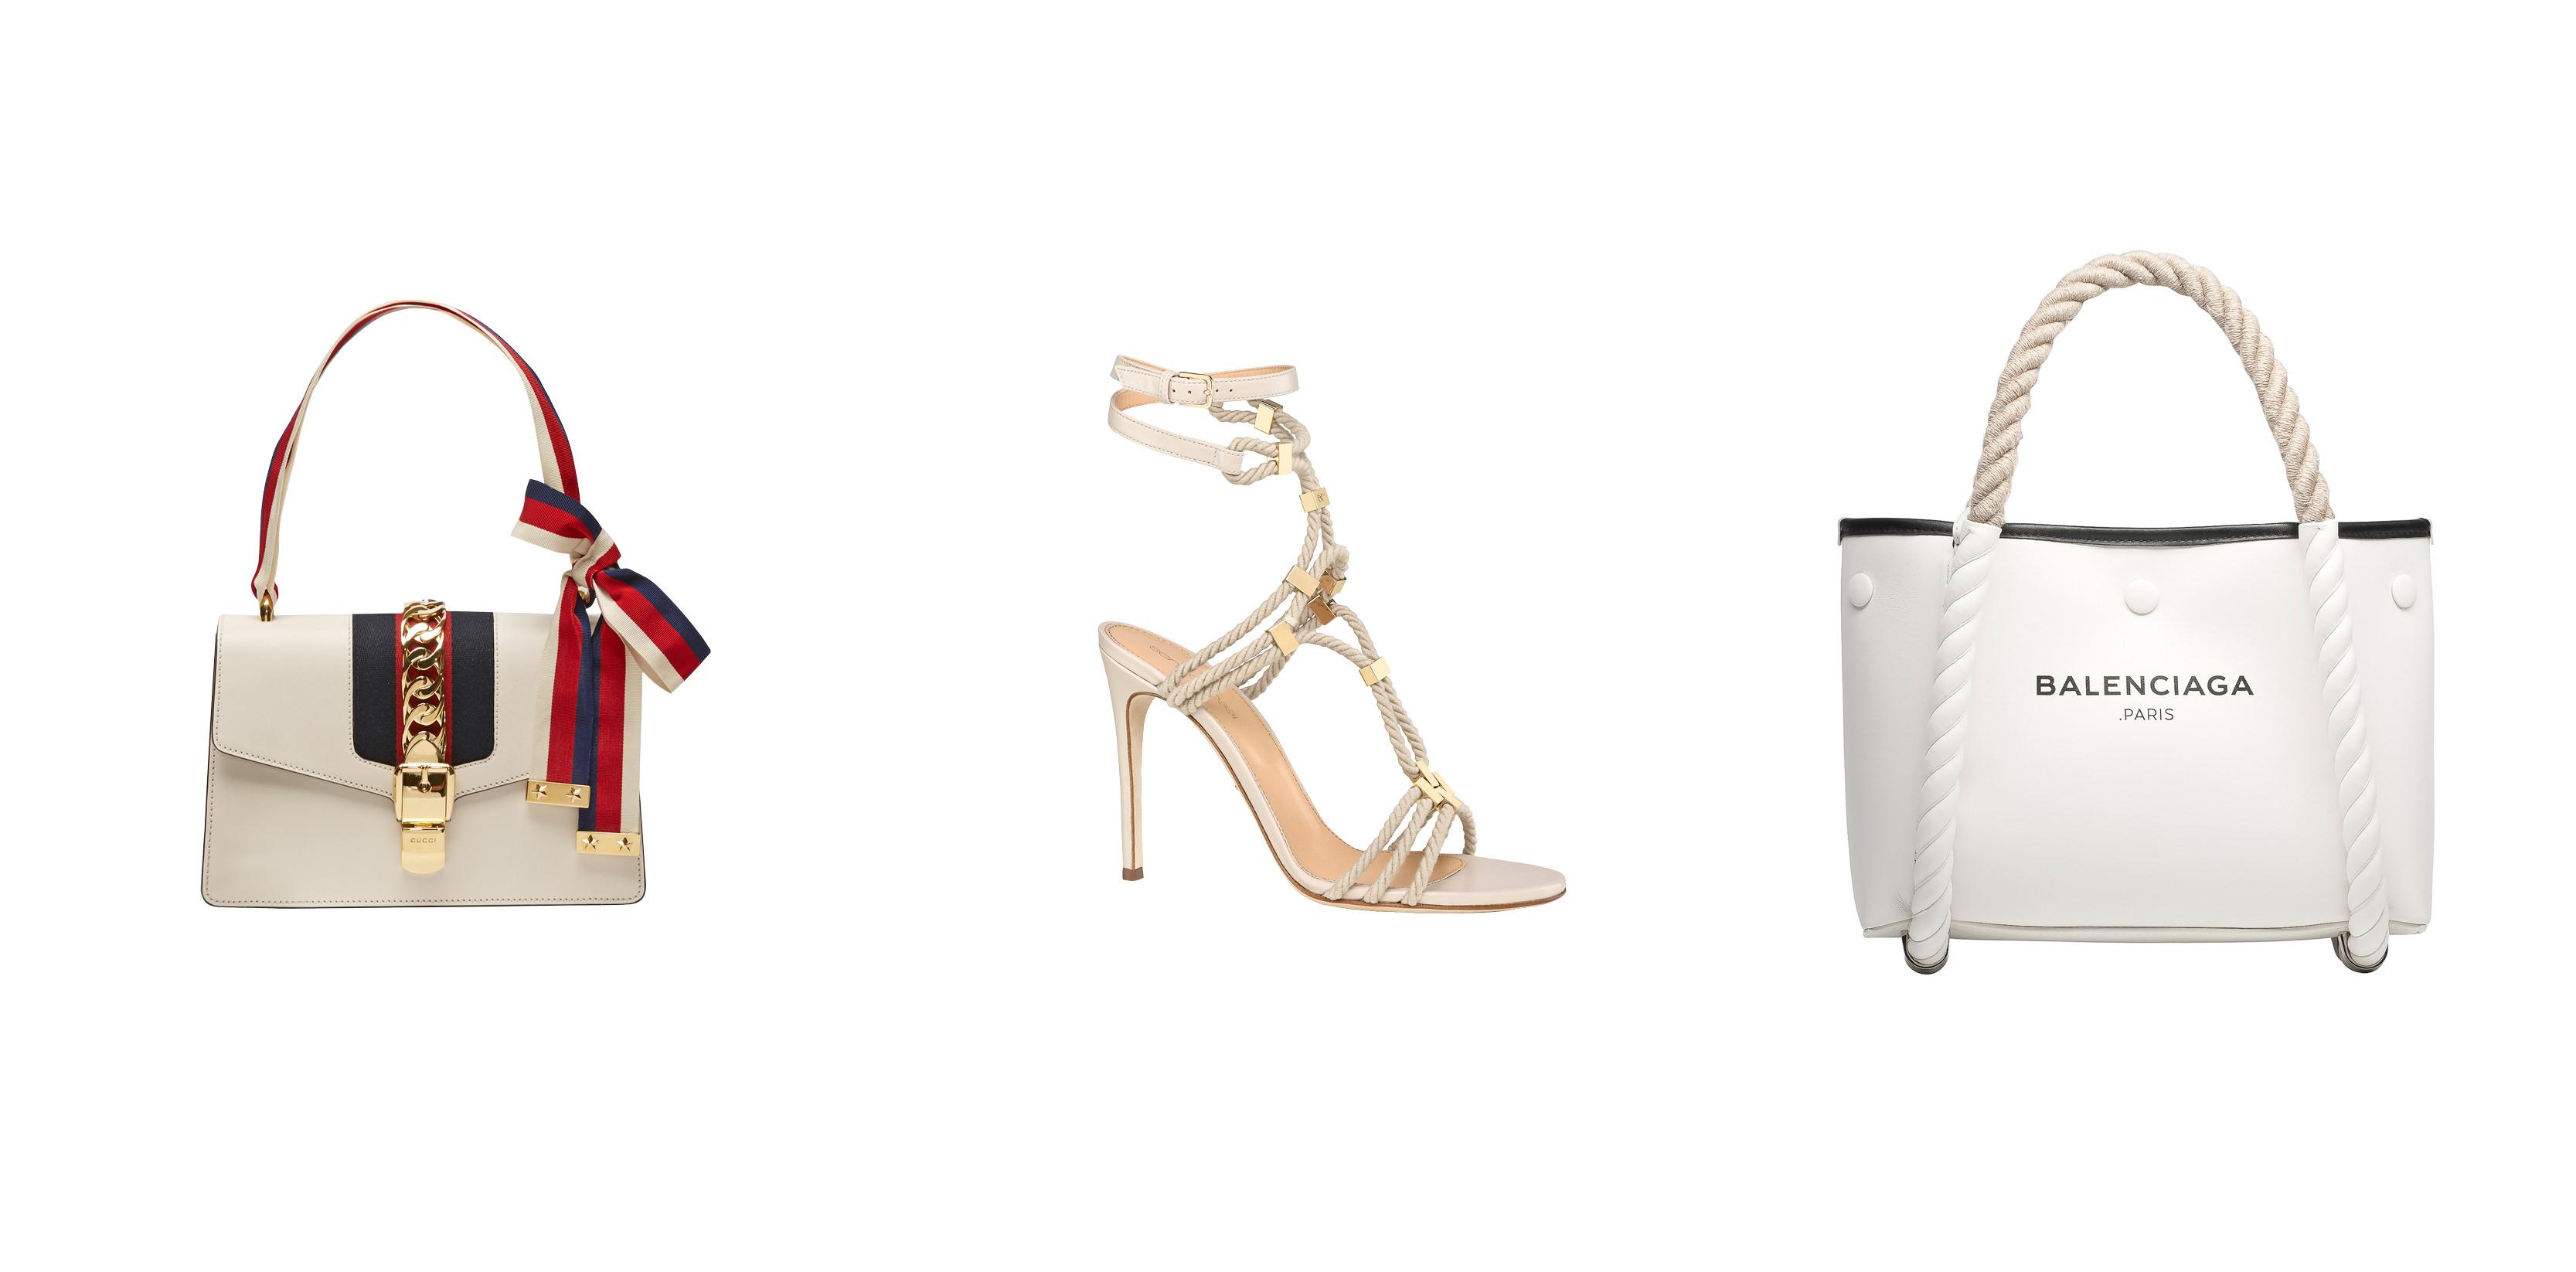 """De gauche à droite : Sac """"Sylvie"""" en cuir ivoire, GUCCI. Sandale en cuir et corde, SERGIO ROSSI Cabas """"Navy"""" en agneau blanc, BALENCIAGA.  Retrouvez notre sélection d'accessoires à fleurs. Retrouvez notre séleciton d'accessoires rayés."""